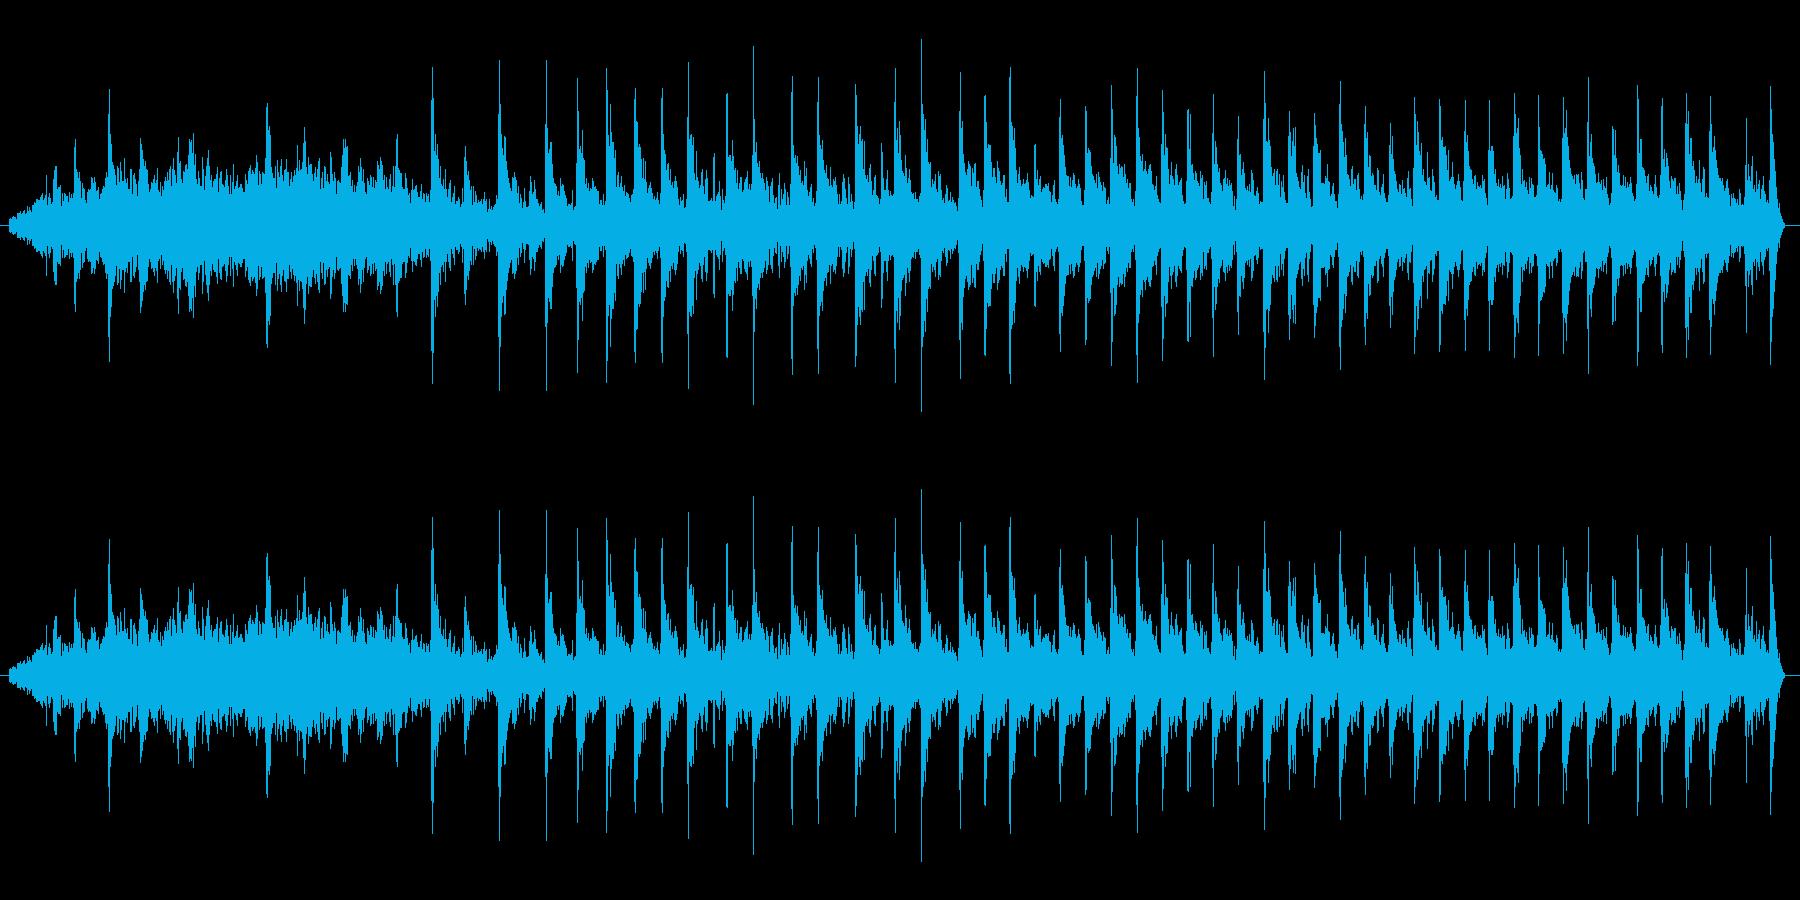 【生音】ギュルルドドド。原付エンジン音の再生済みの波形